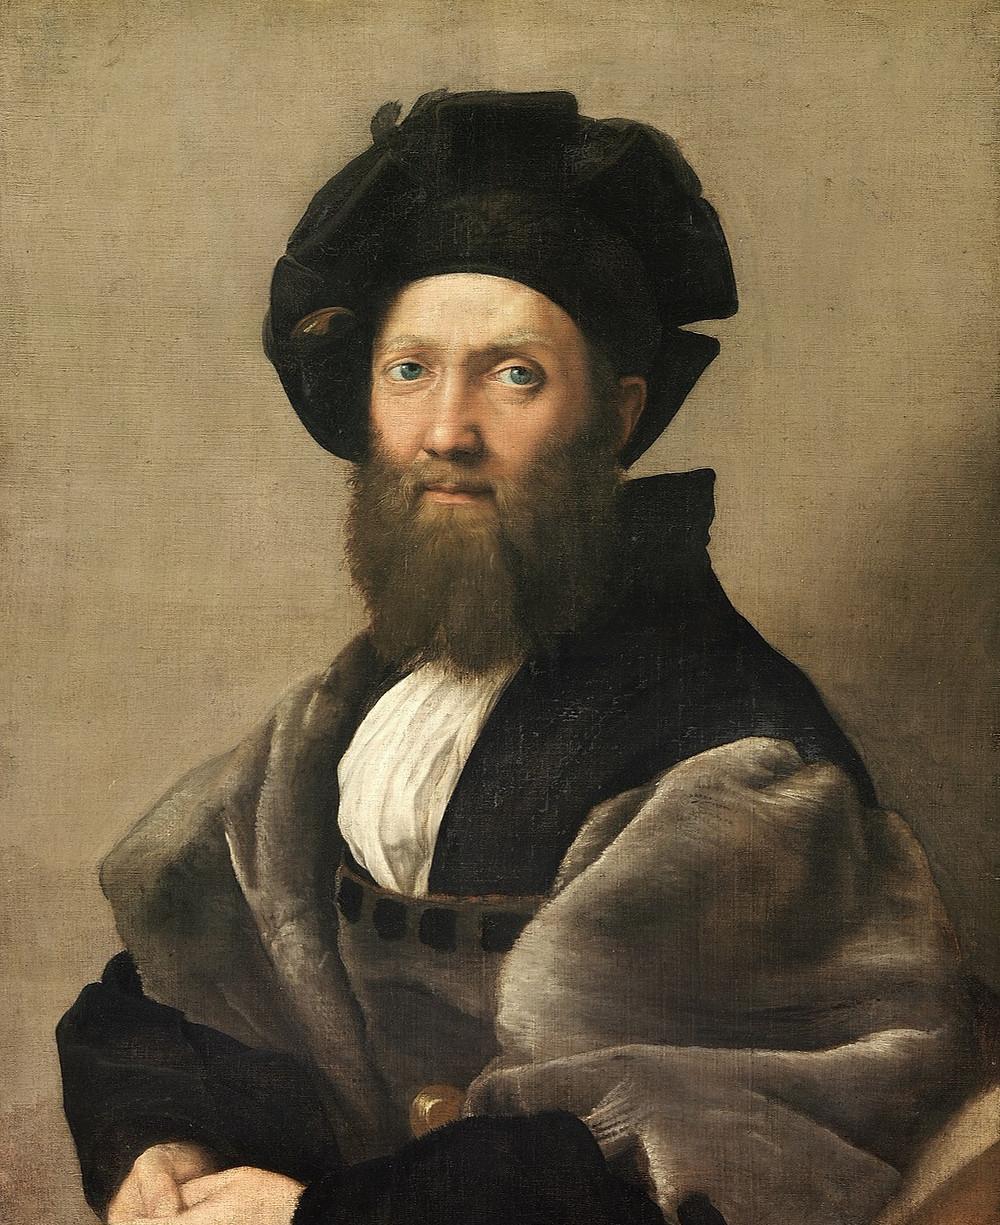 Raphael's Portrait of Baldassare Castiglione